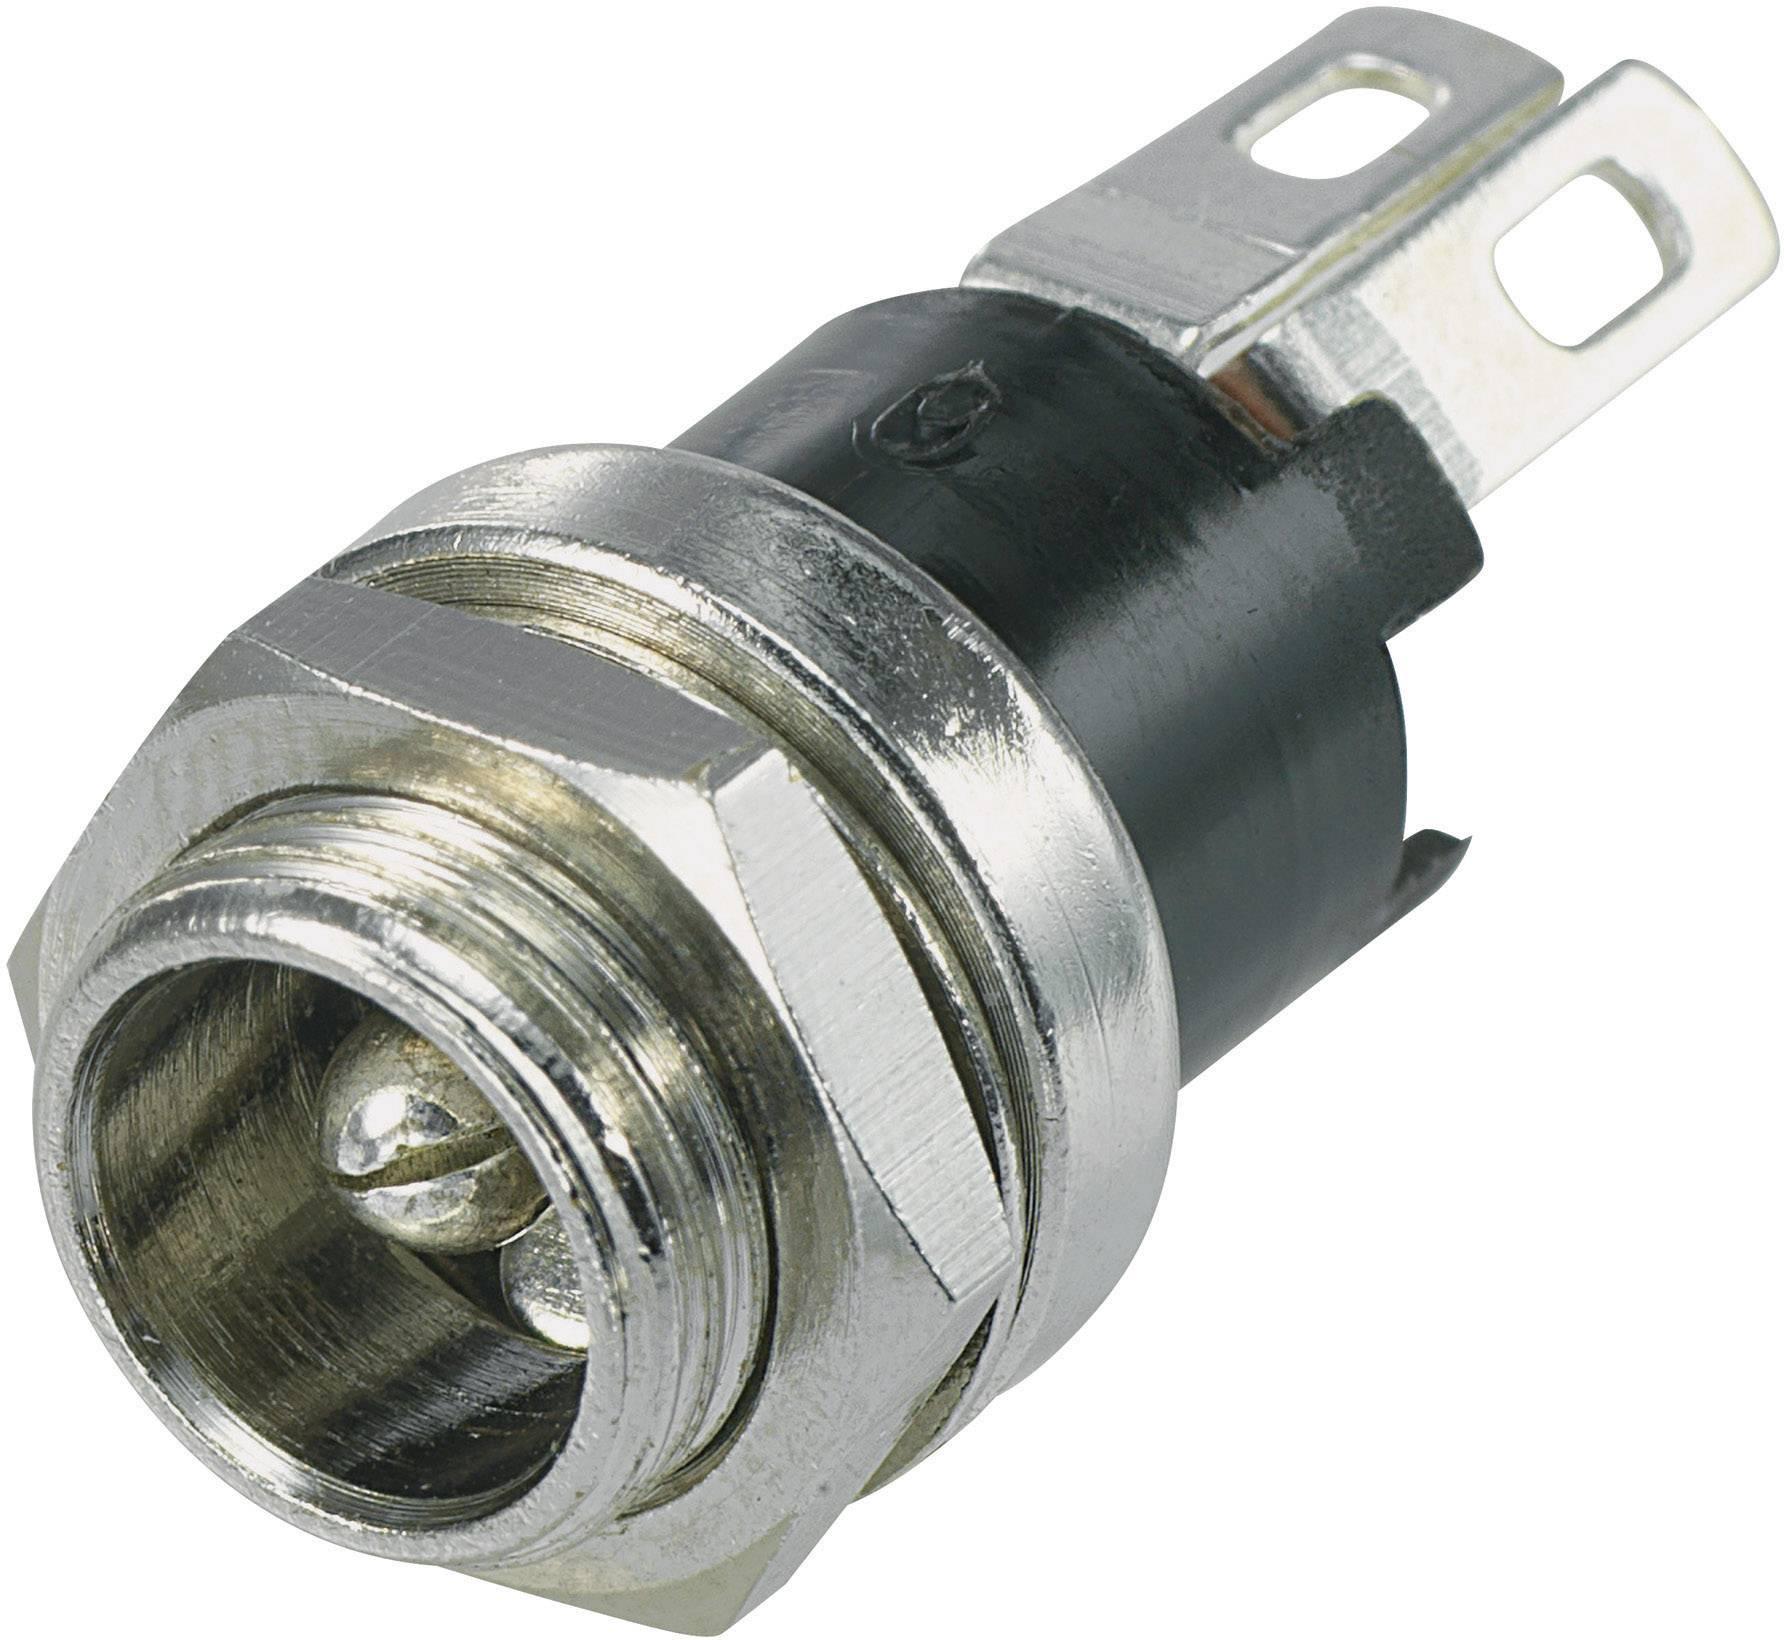 Nízkonapäťový konektor zásuvka, vstavateľná vertikálna SCI R1-31K, 5.5 mm, 2.8 mm, 1 ks